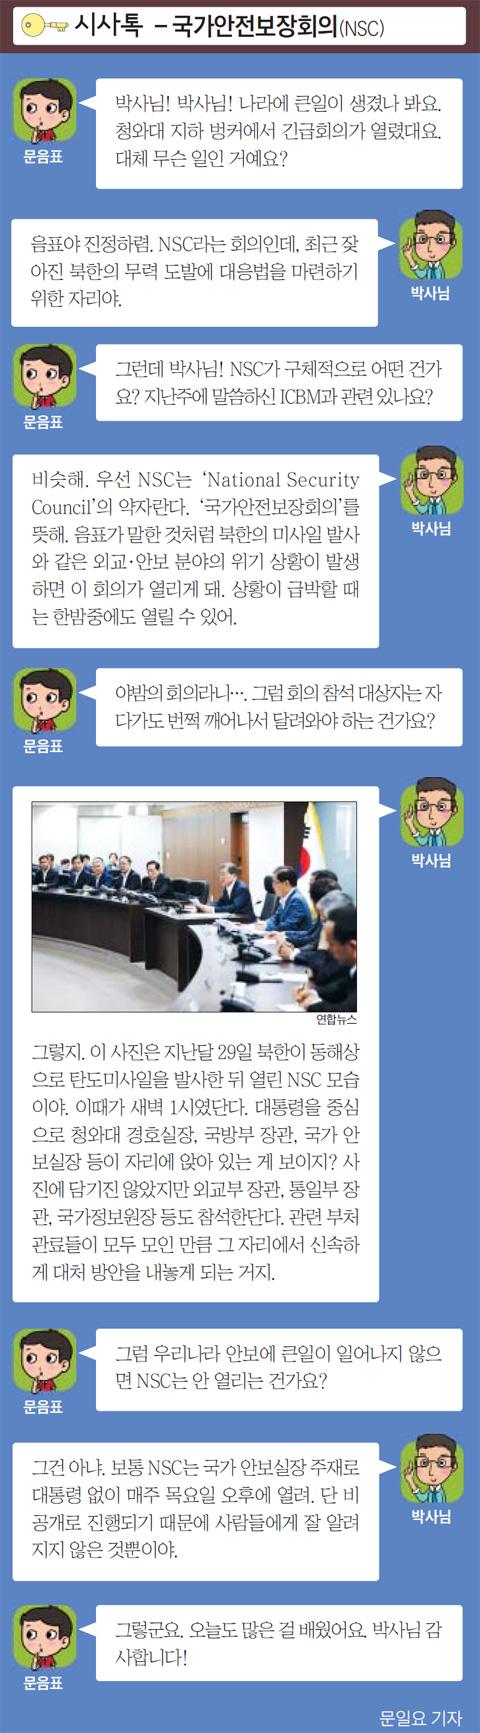 [시사톡] 국가안전보장회의(NSC)